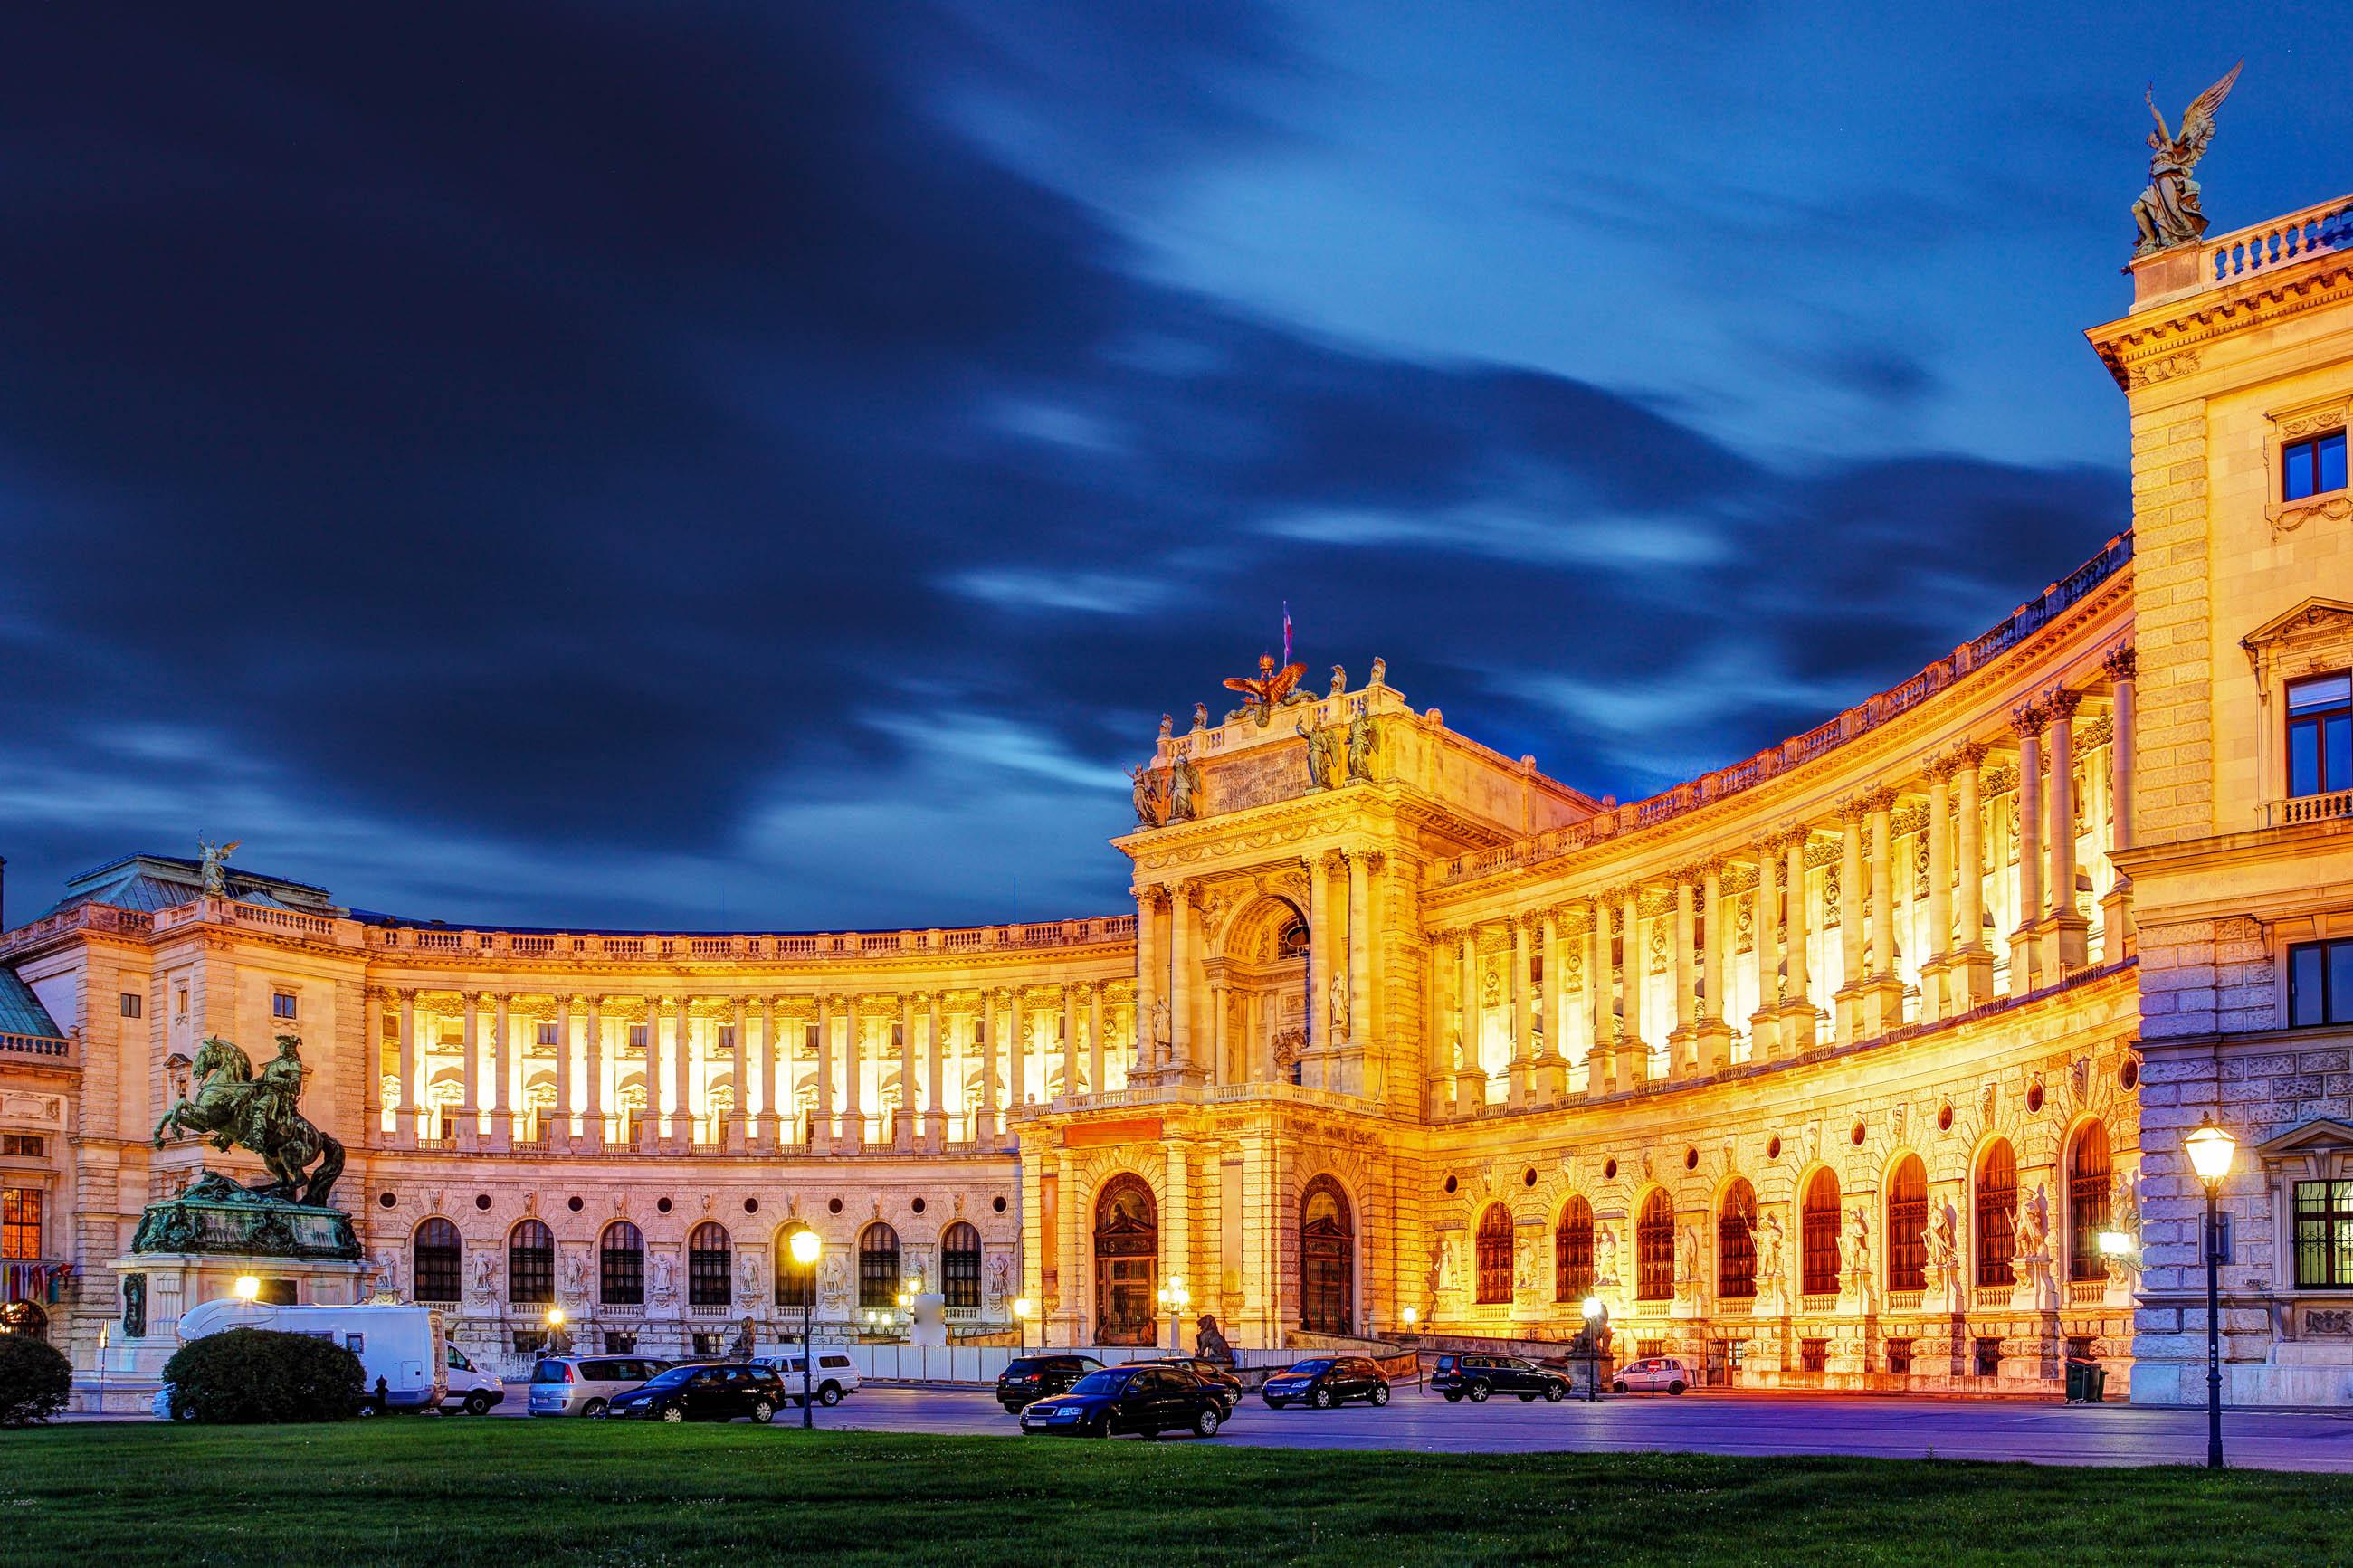 BILDER: Hofburg in Wien, Österreich   Franks Travelbox